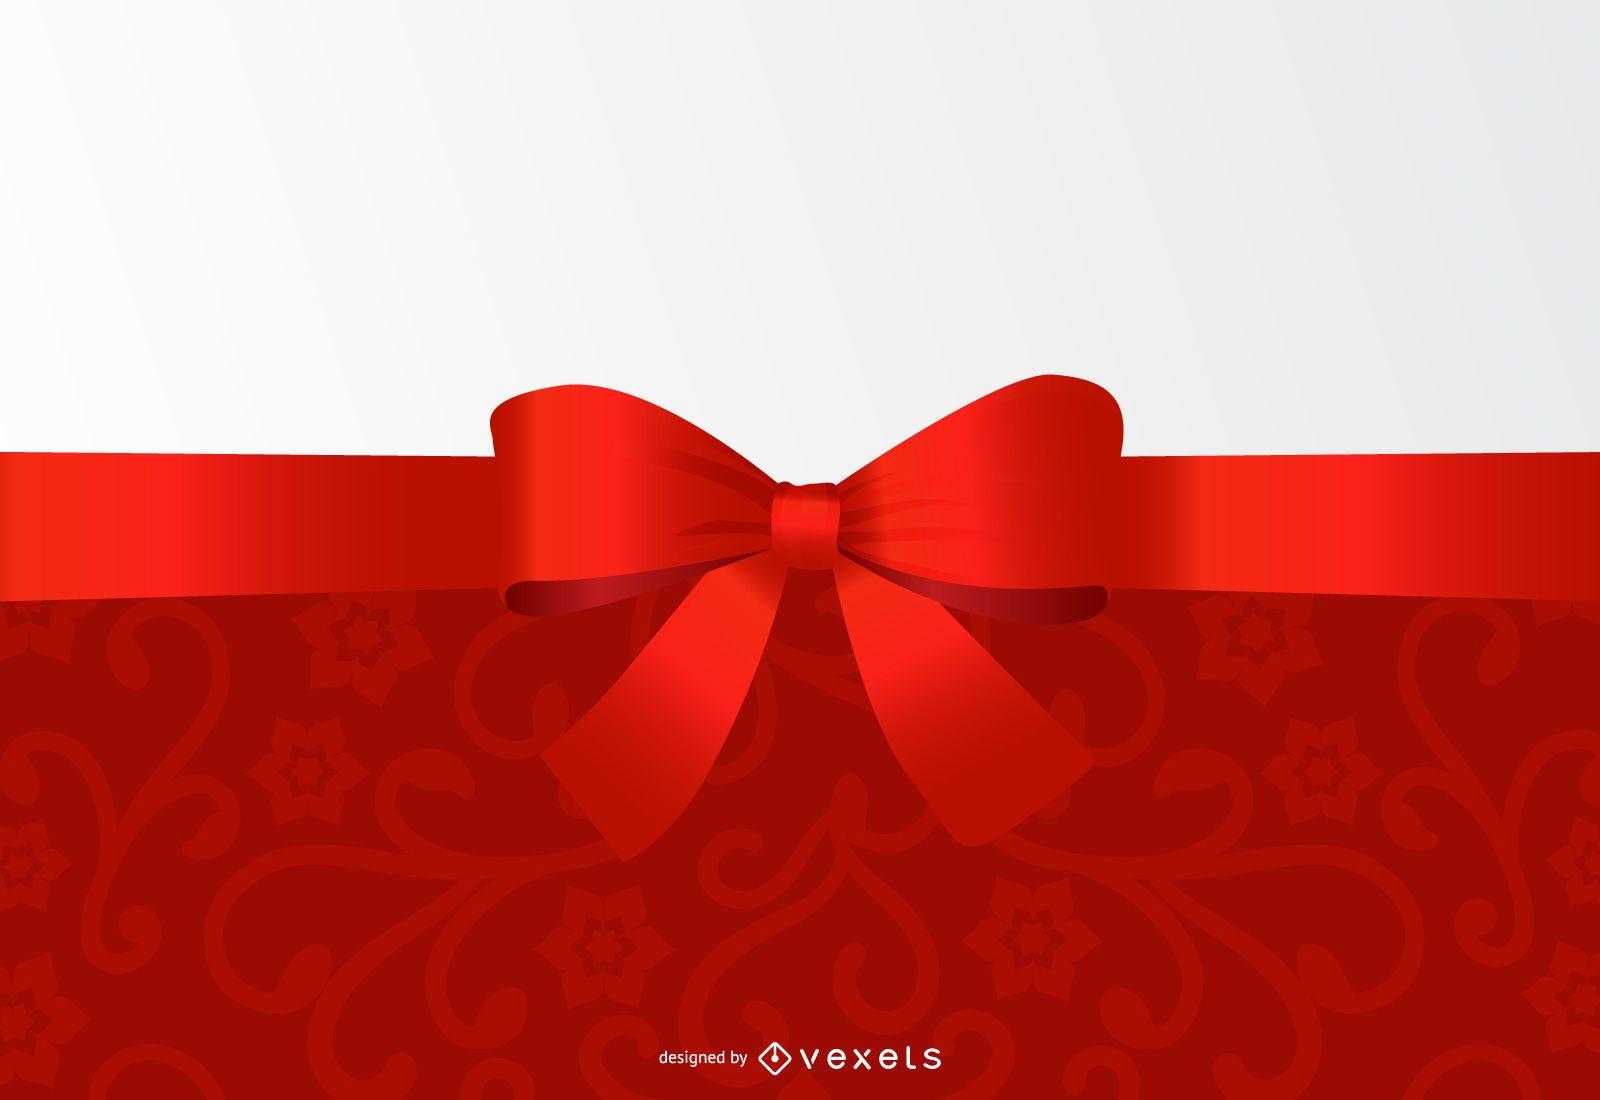 Ribbon Header Floral Invitation Design